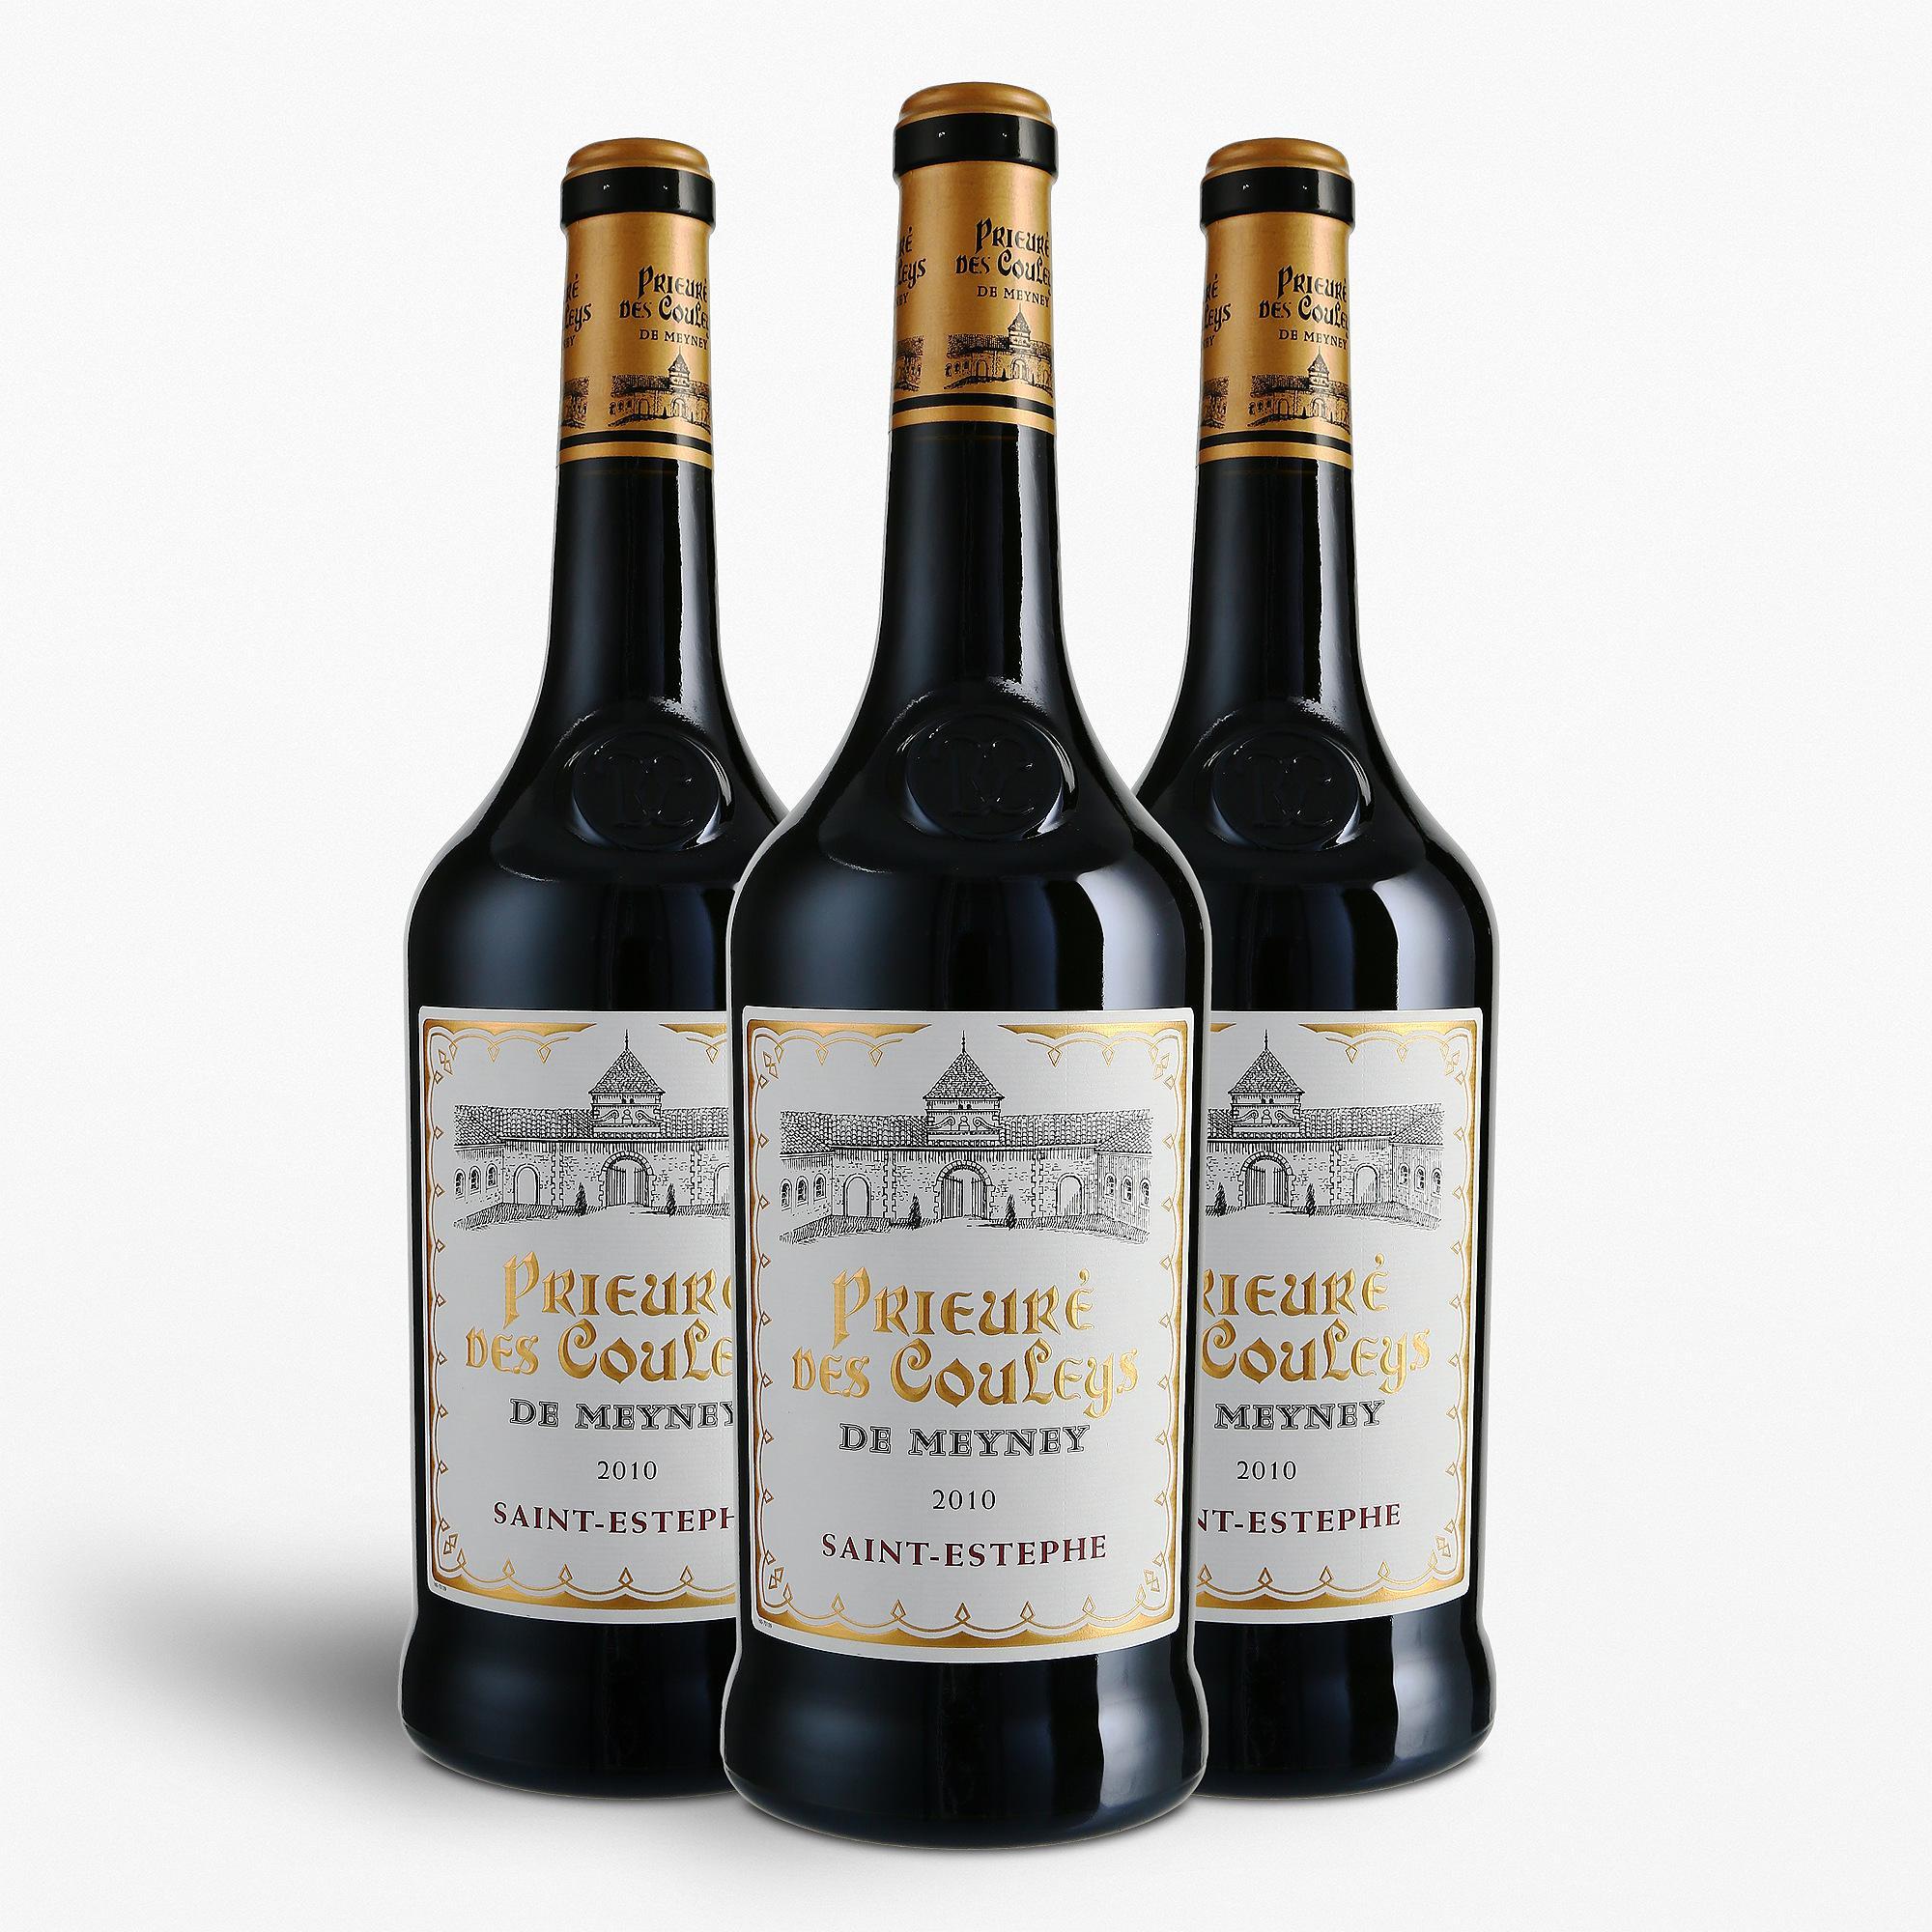 """3 Bouteilles de vin rouge Saint-Estèphe, Prieuré des Couleys de Meyney """"Collection Epoque"""" 2010 75 cl"""